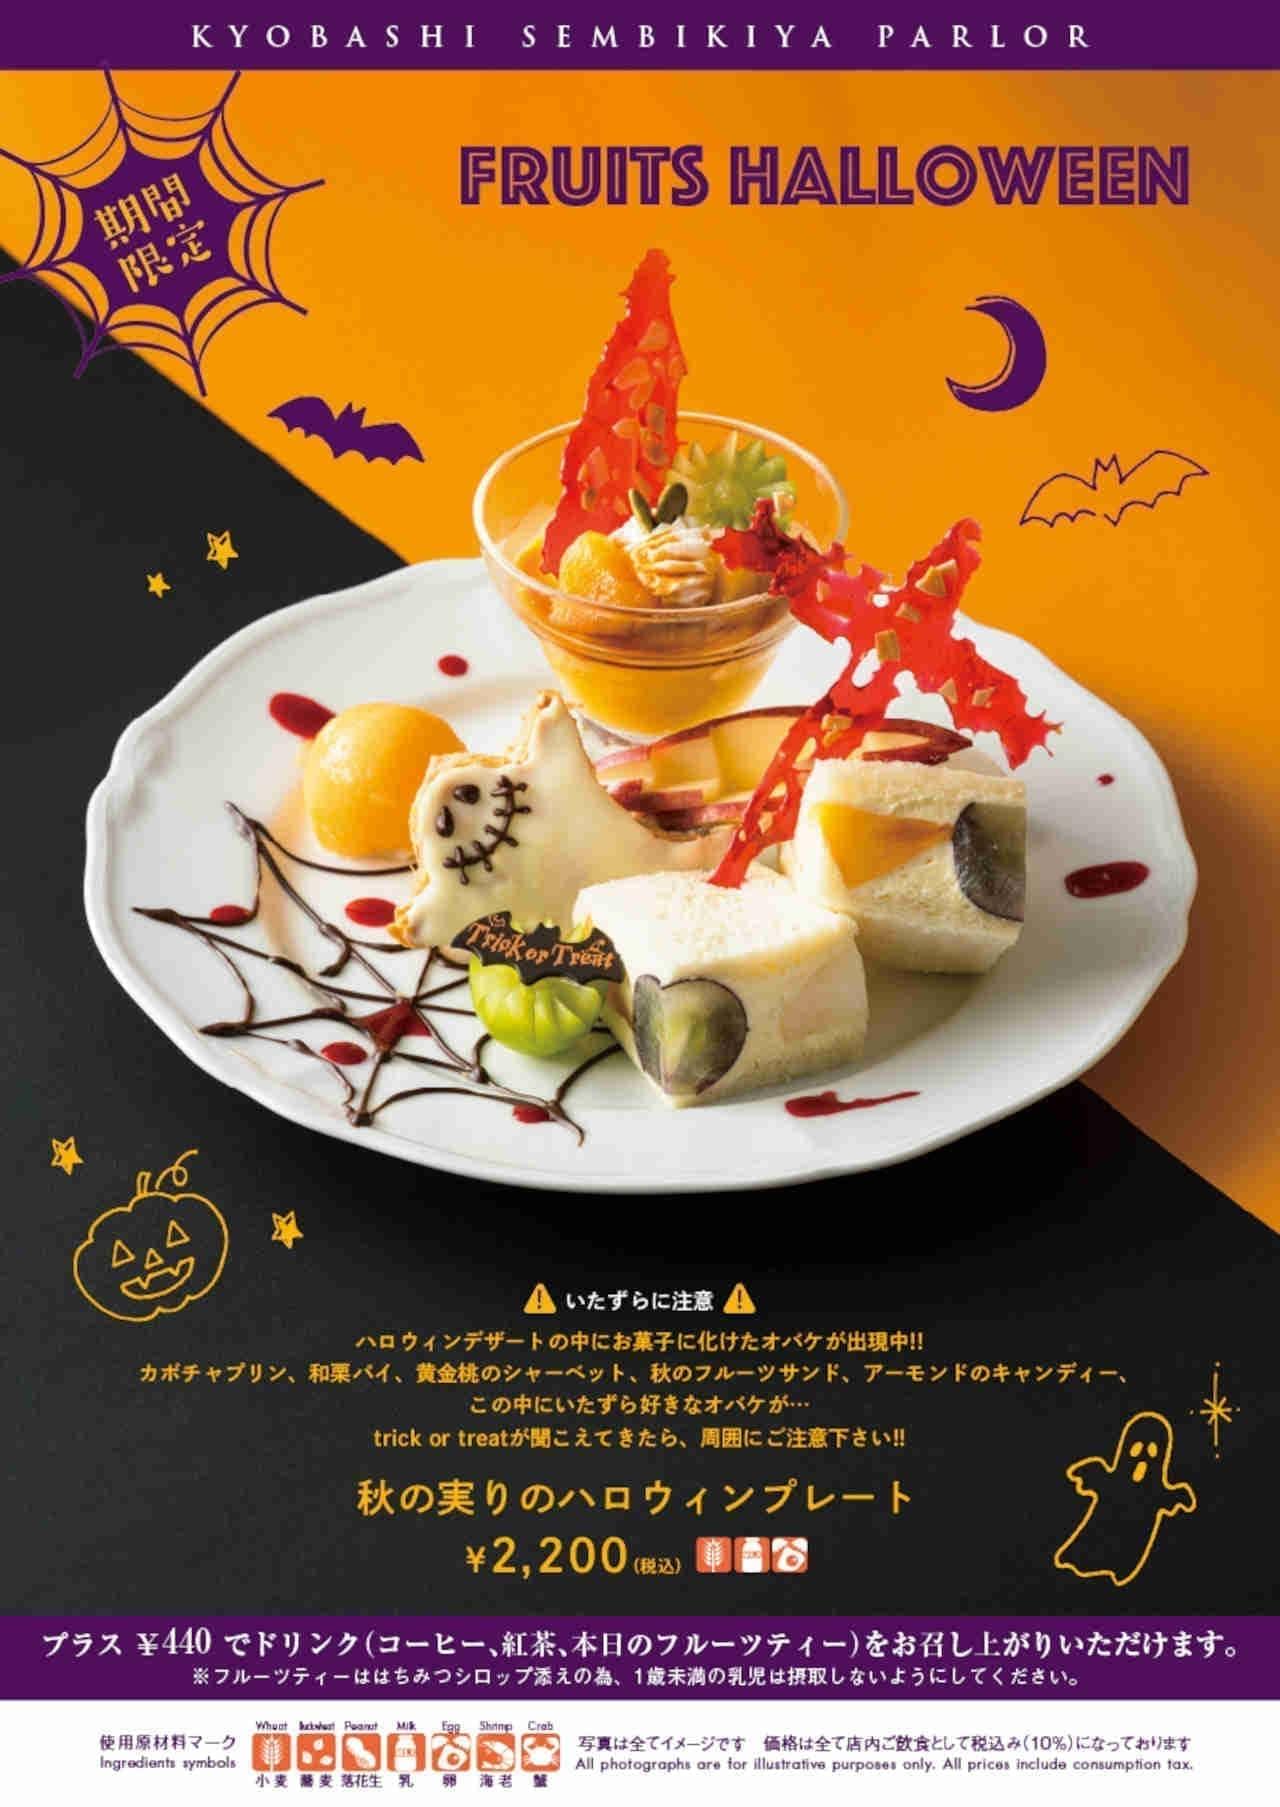 京橋千疋屋「秋の実りのハロウィンプレート」